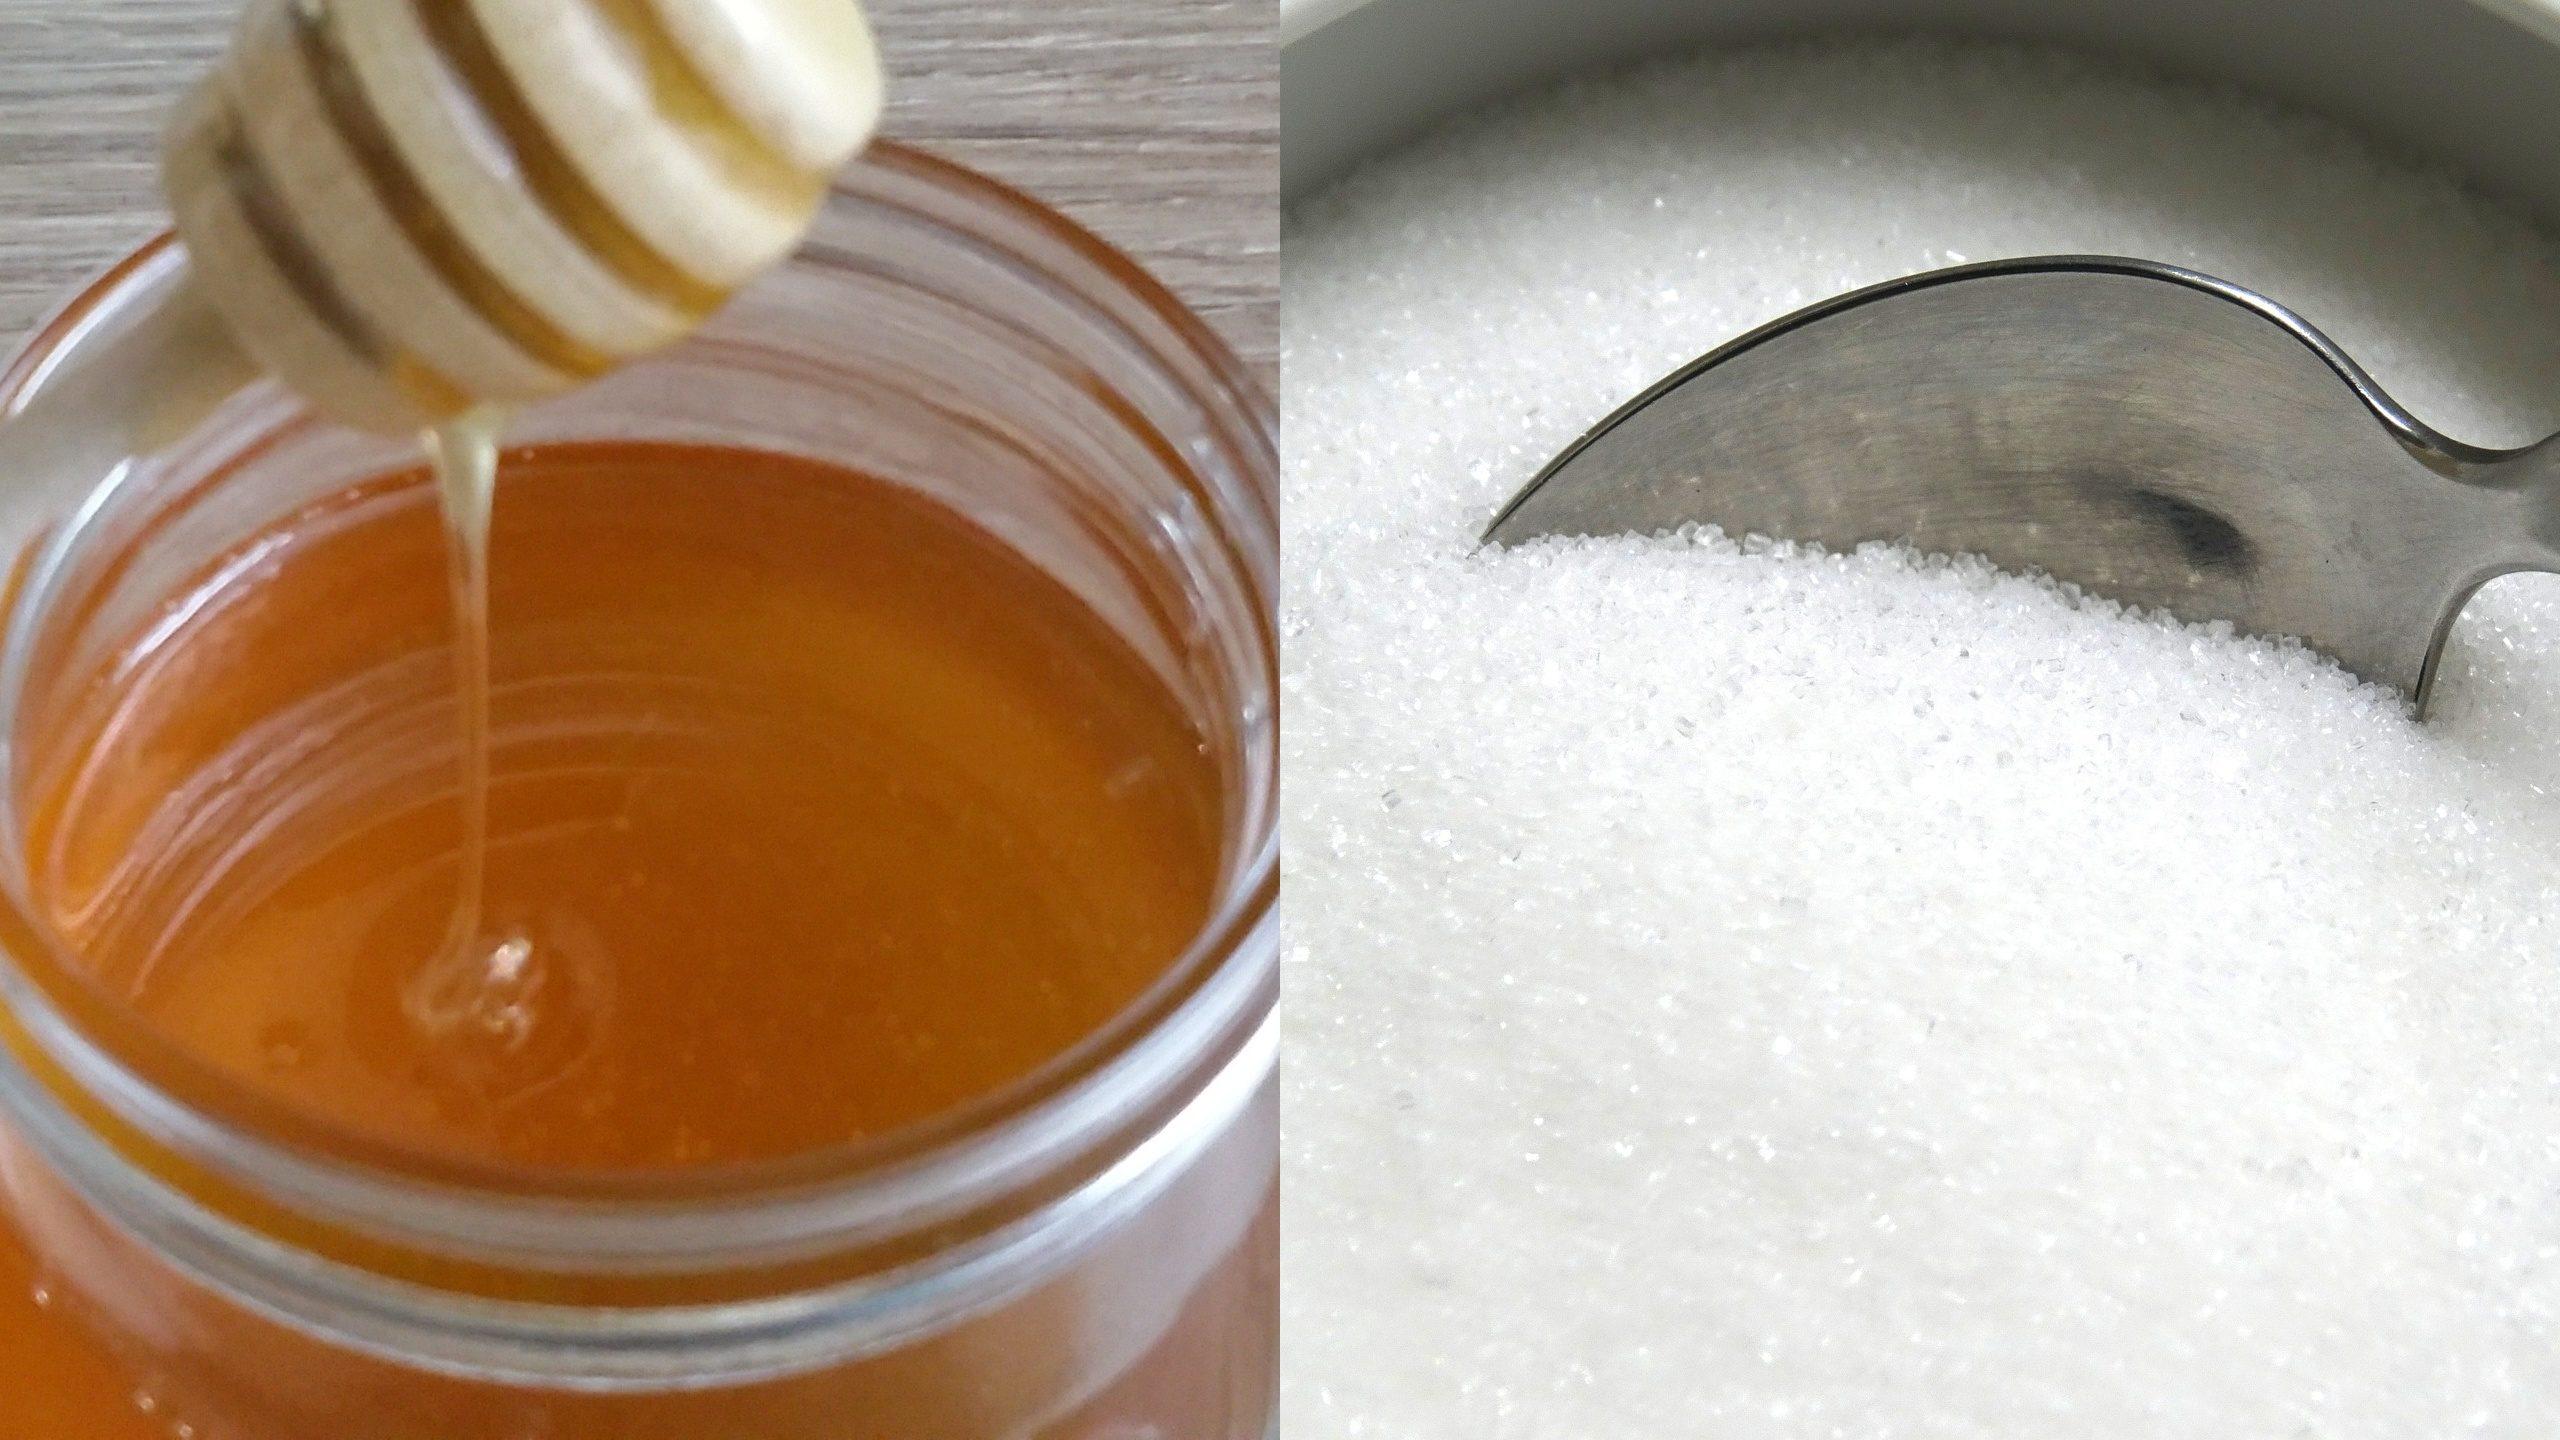 przepis na zdrowy cukier